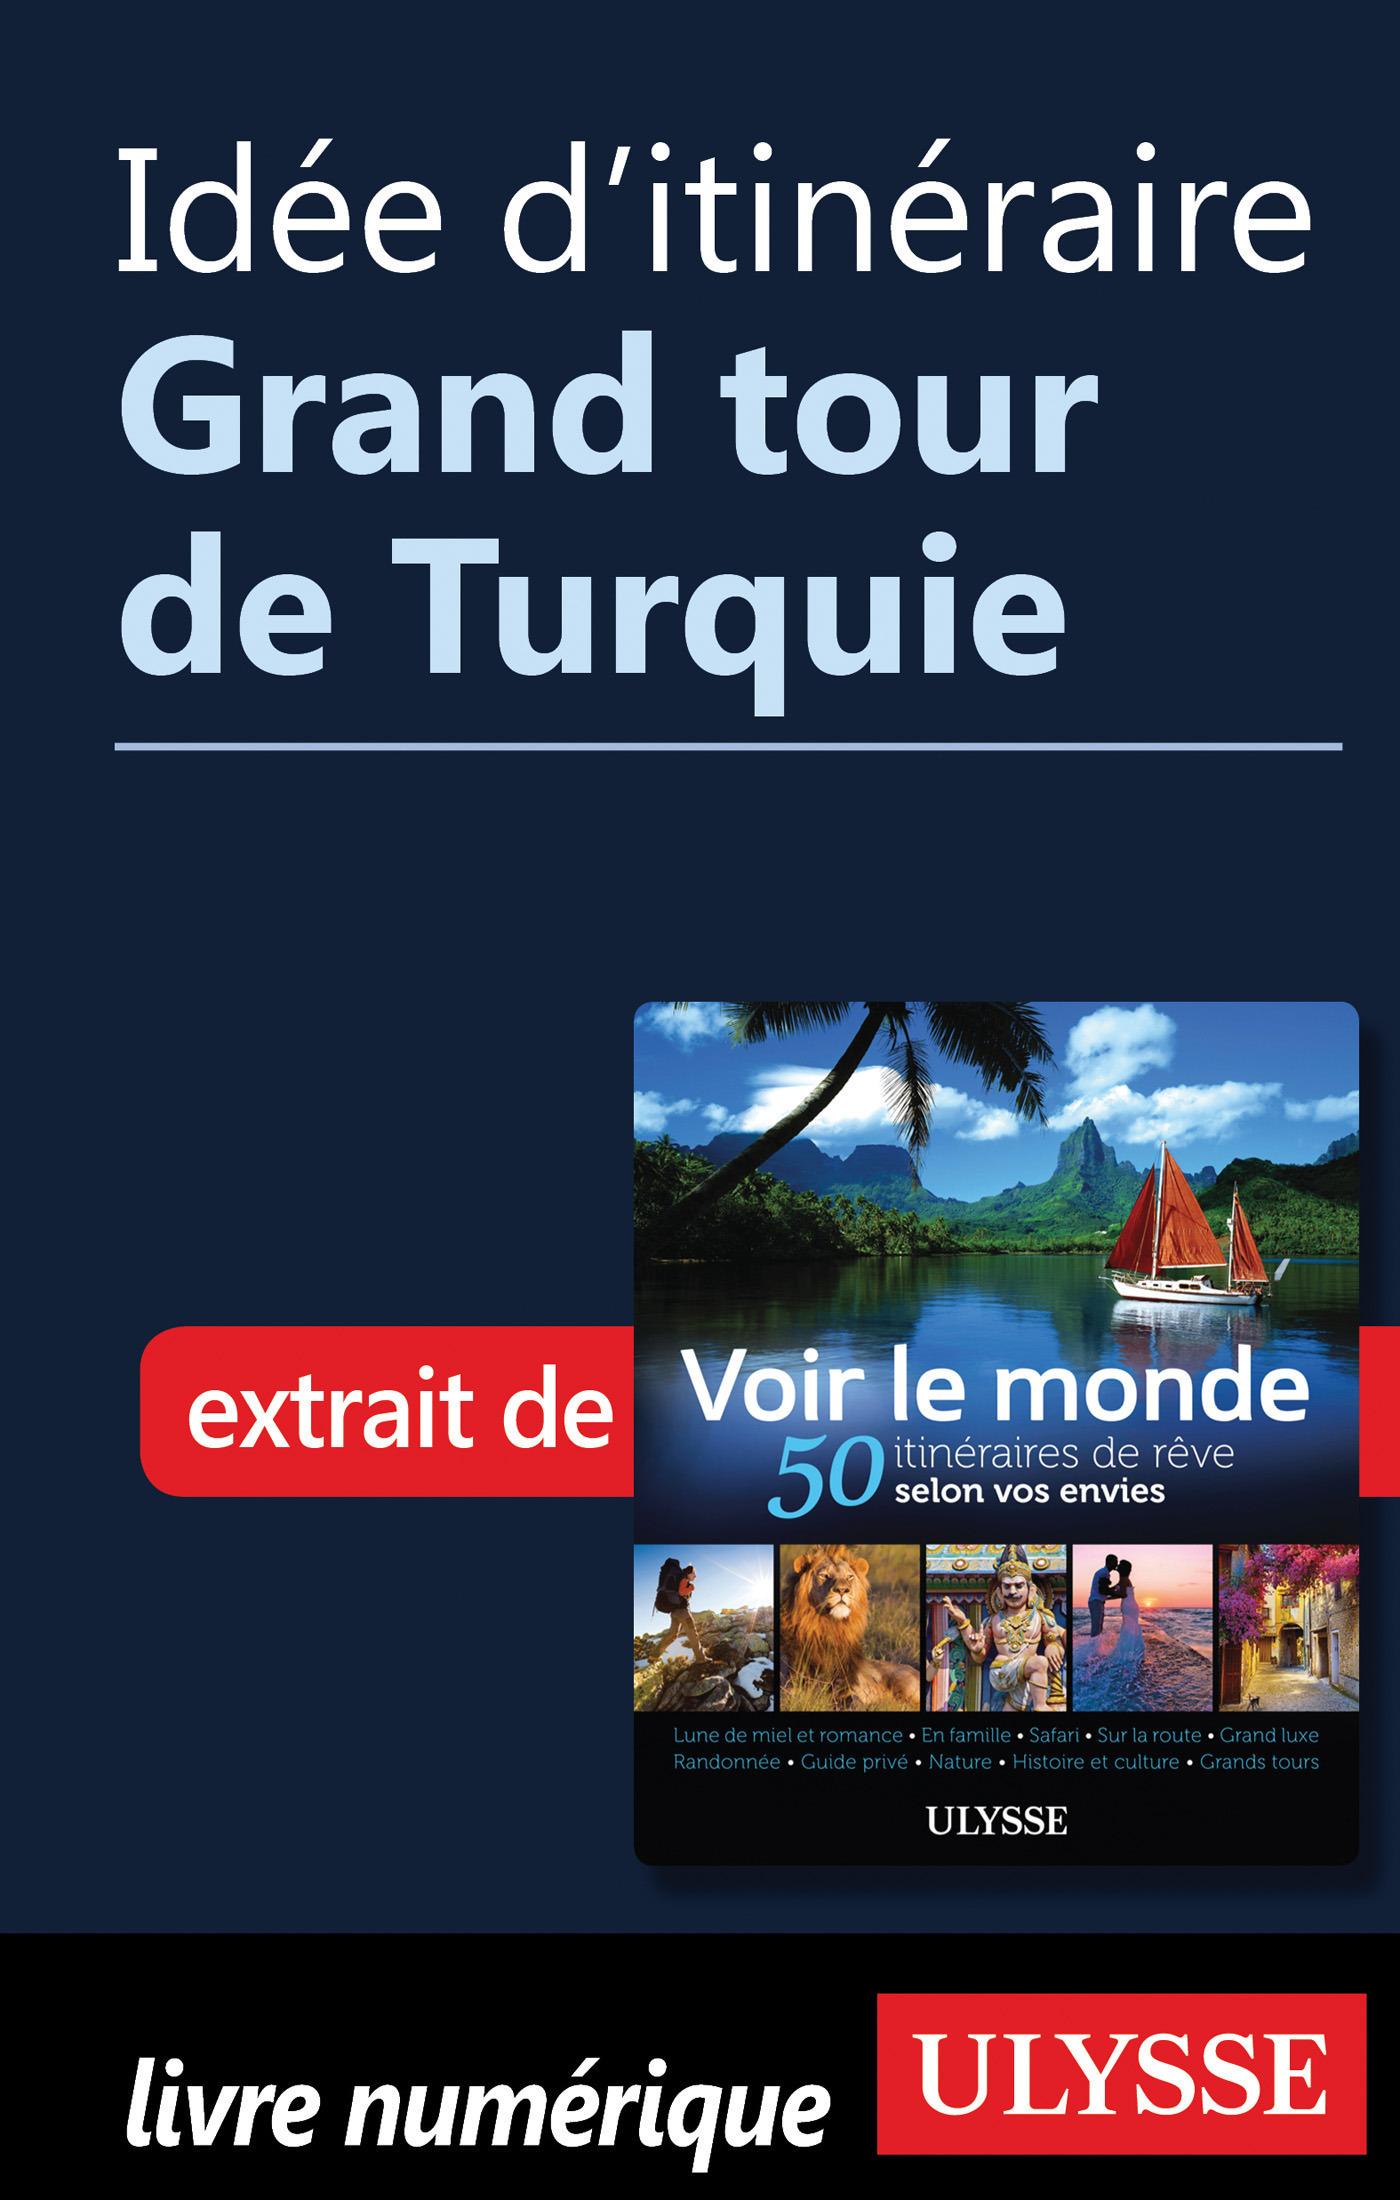 Idée d'itinéraire - Grand tour de Turquie